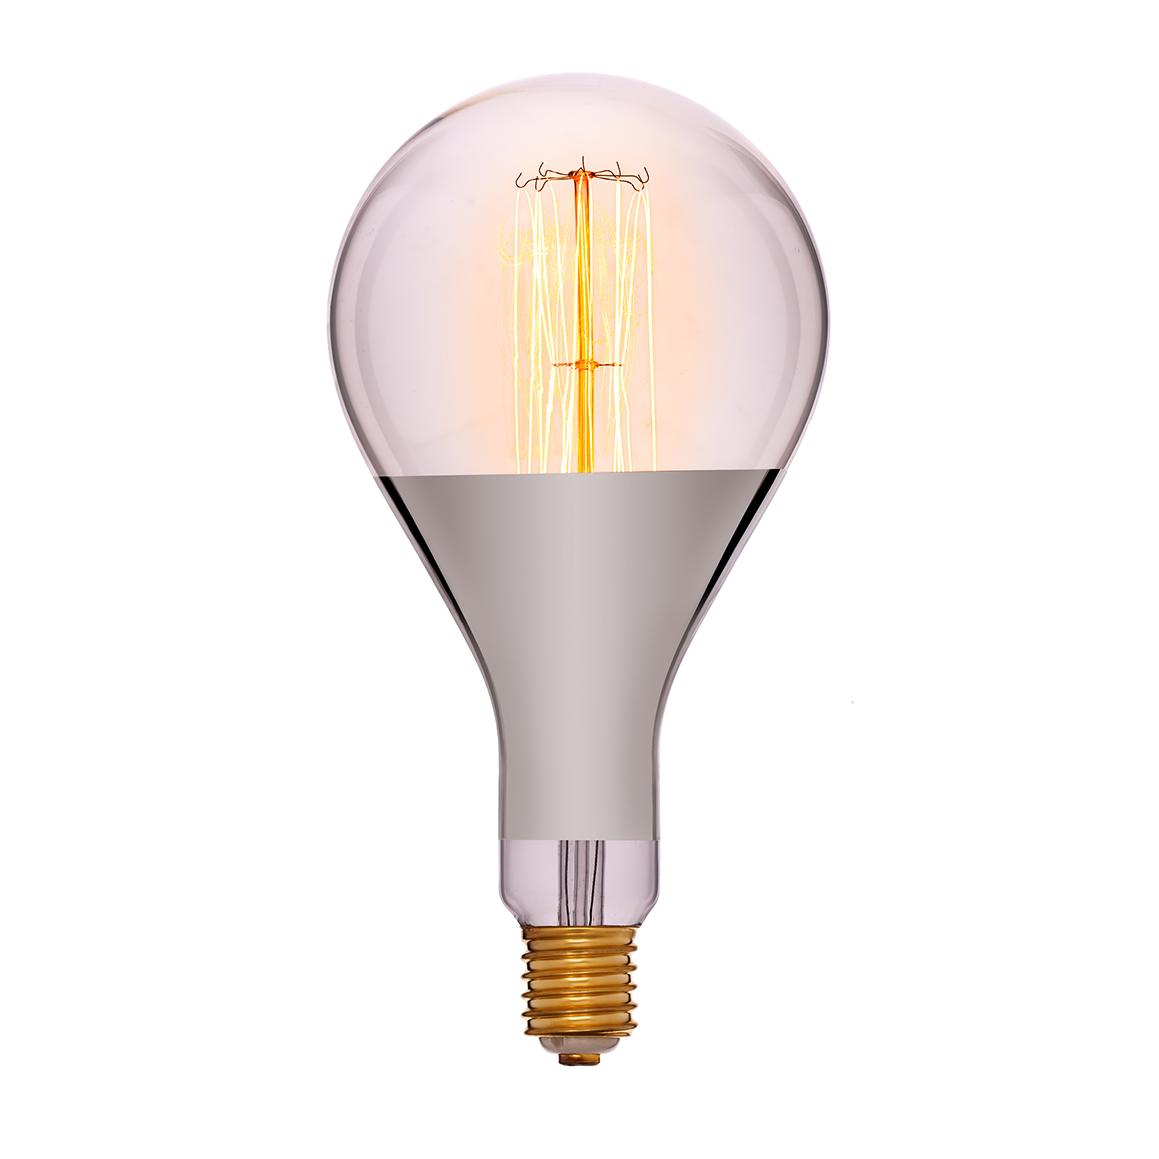 Лампа накаливания PS 160R-F2 - вид 1